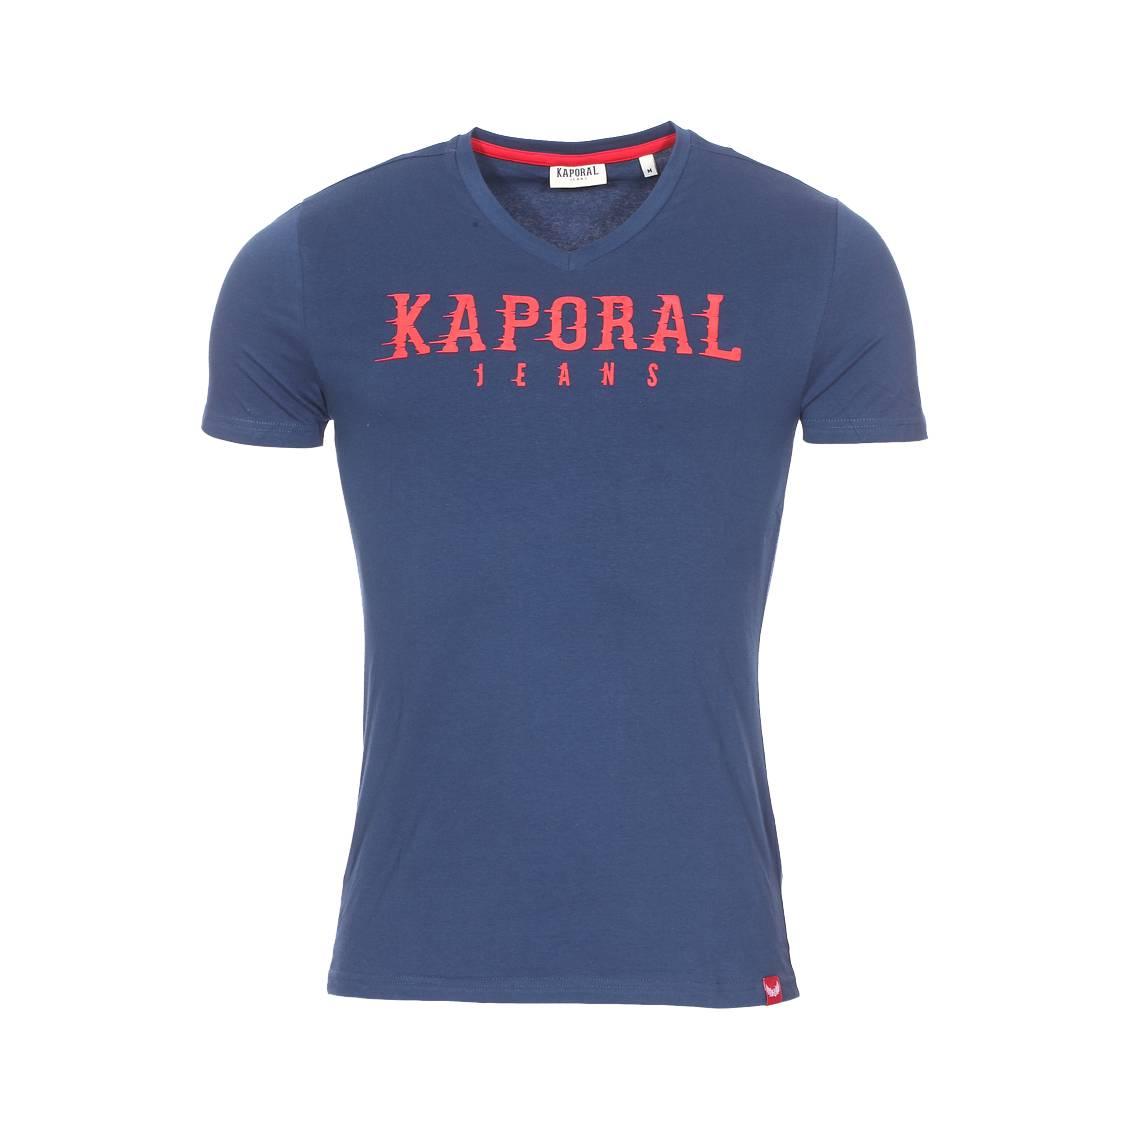 Tee-shirt col v  pazik en coton stretch bleu pétrole à flocage relief rouge